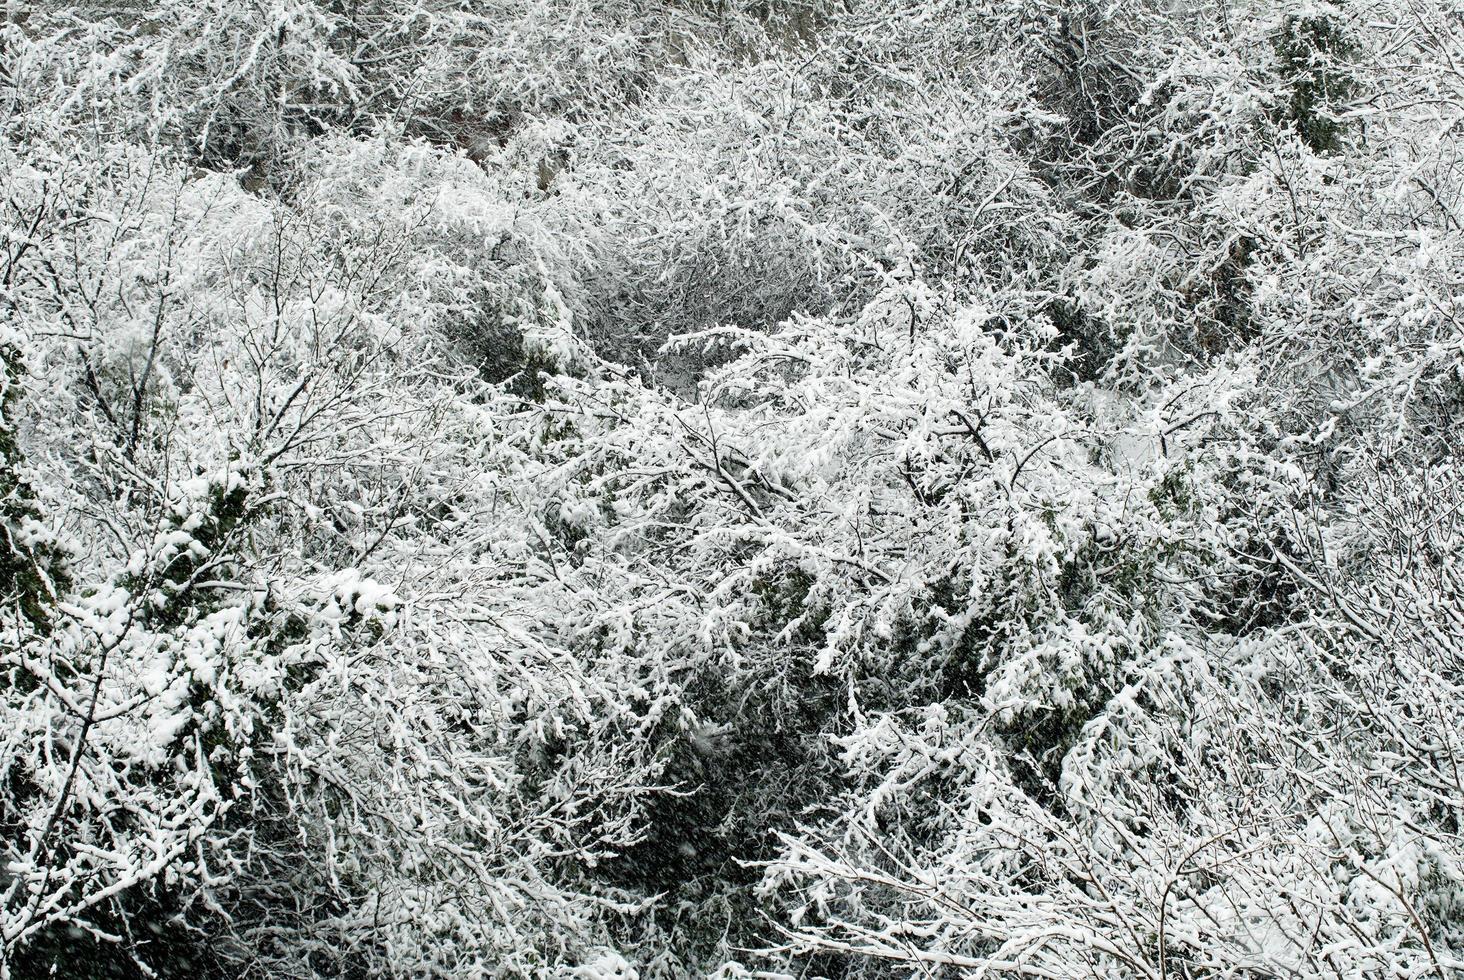 arbres couverts de neige photo